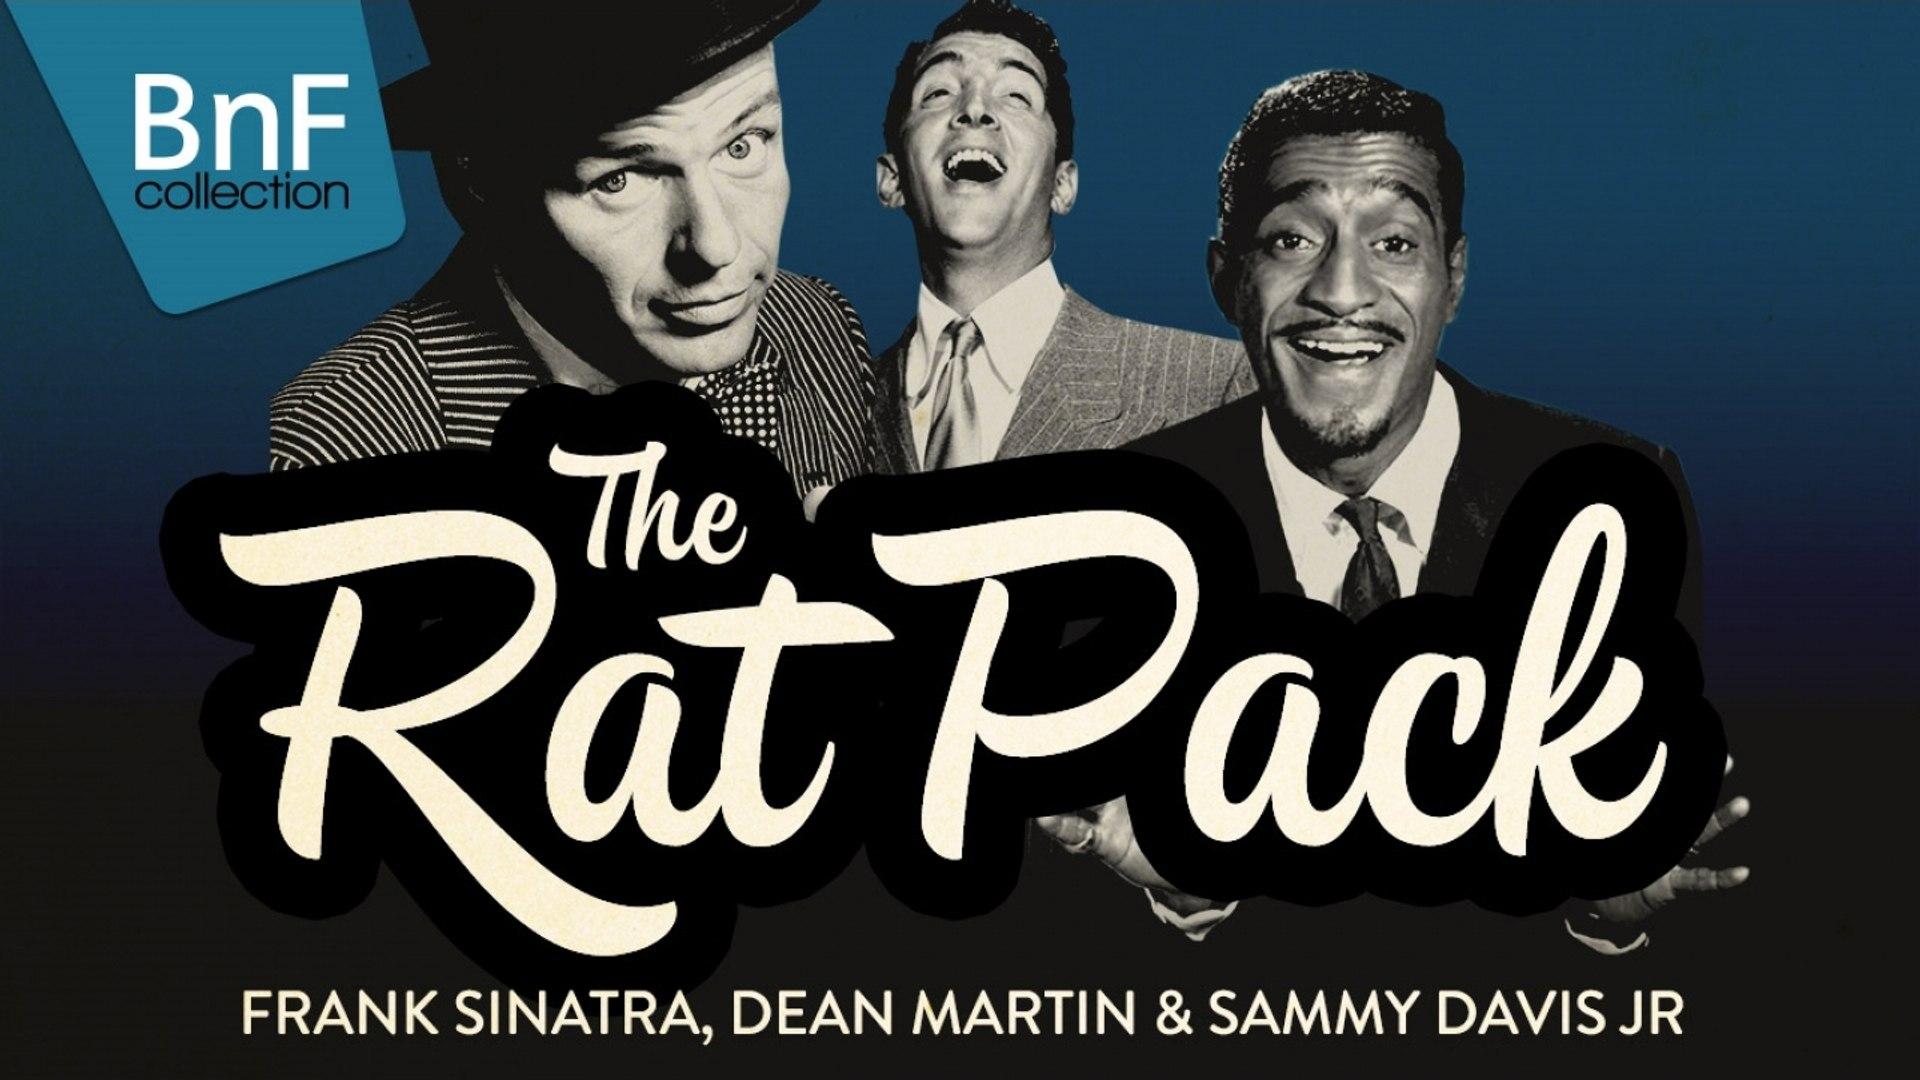 Frank Sinatra Weihnachtslieder.The Rat Pack Frank Sinatra Dean Martin Sammy Davis Jr